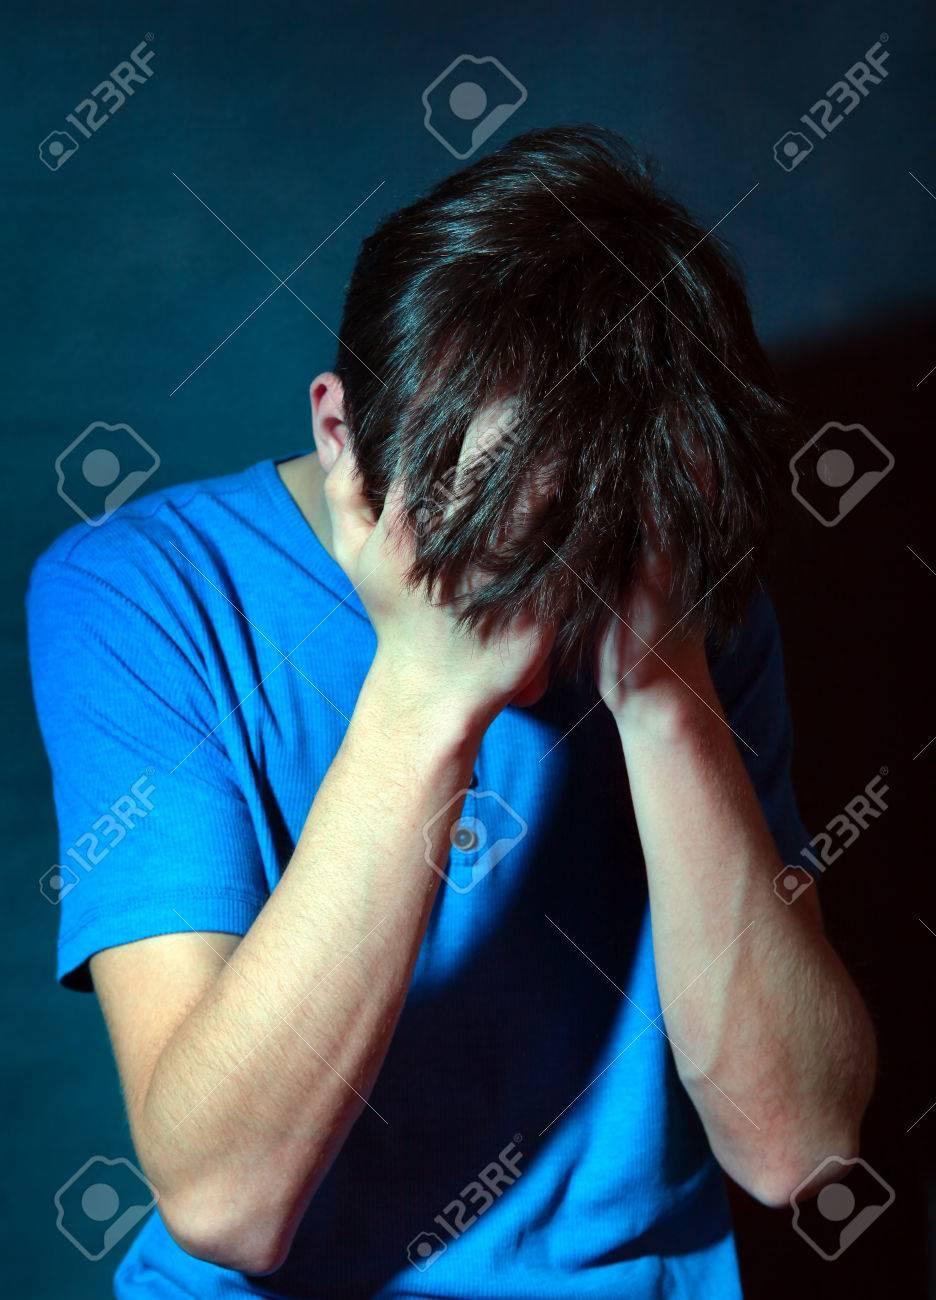 Les adolescents ayant le sexe douloureux